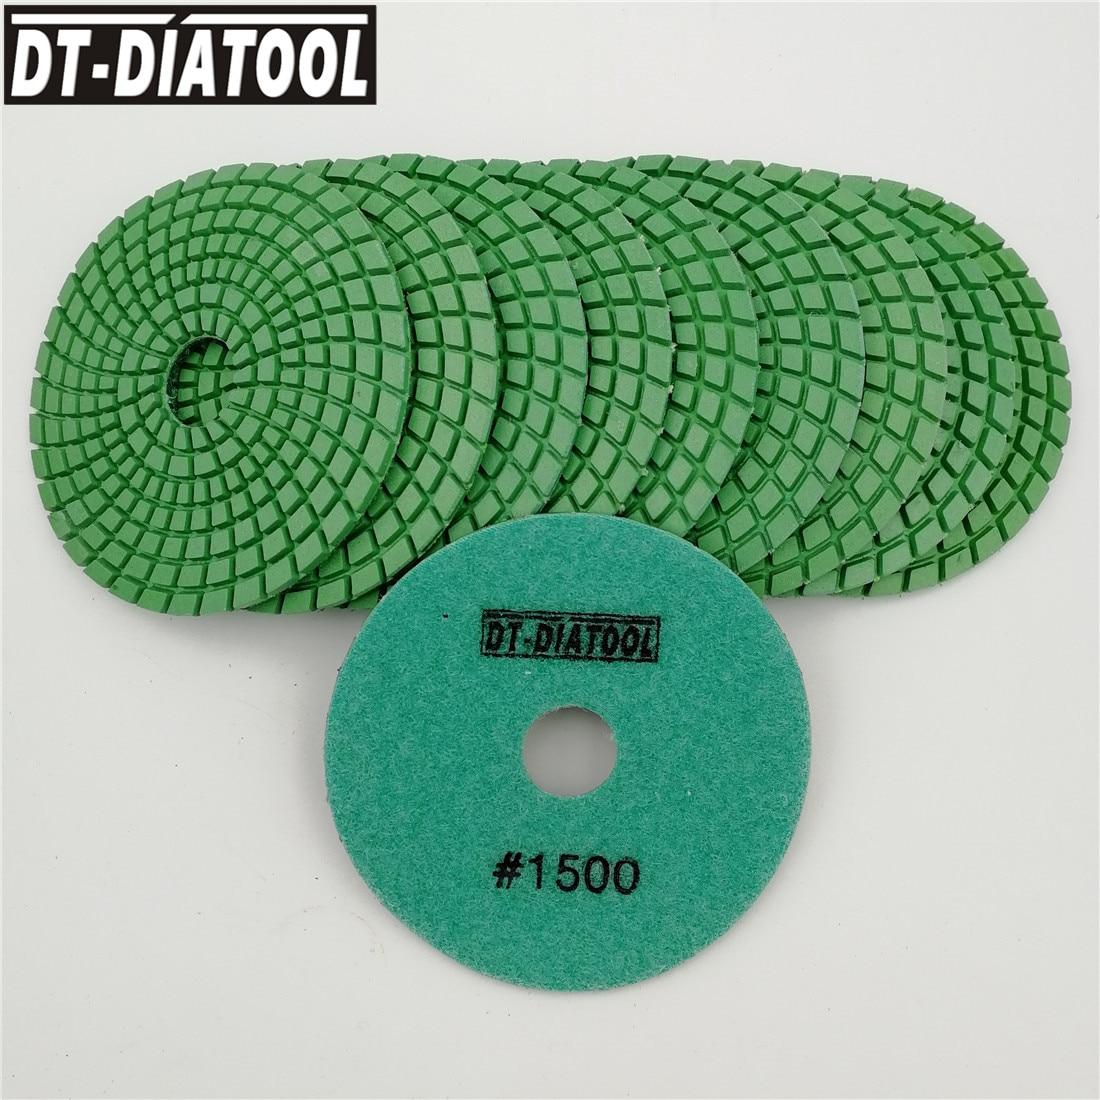 1500 # Lixar Discos de Resina Durável